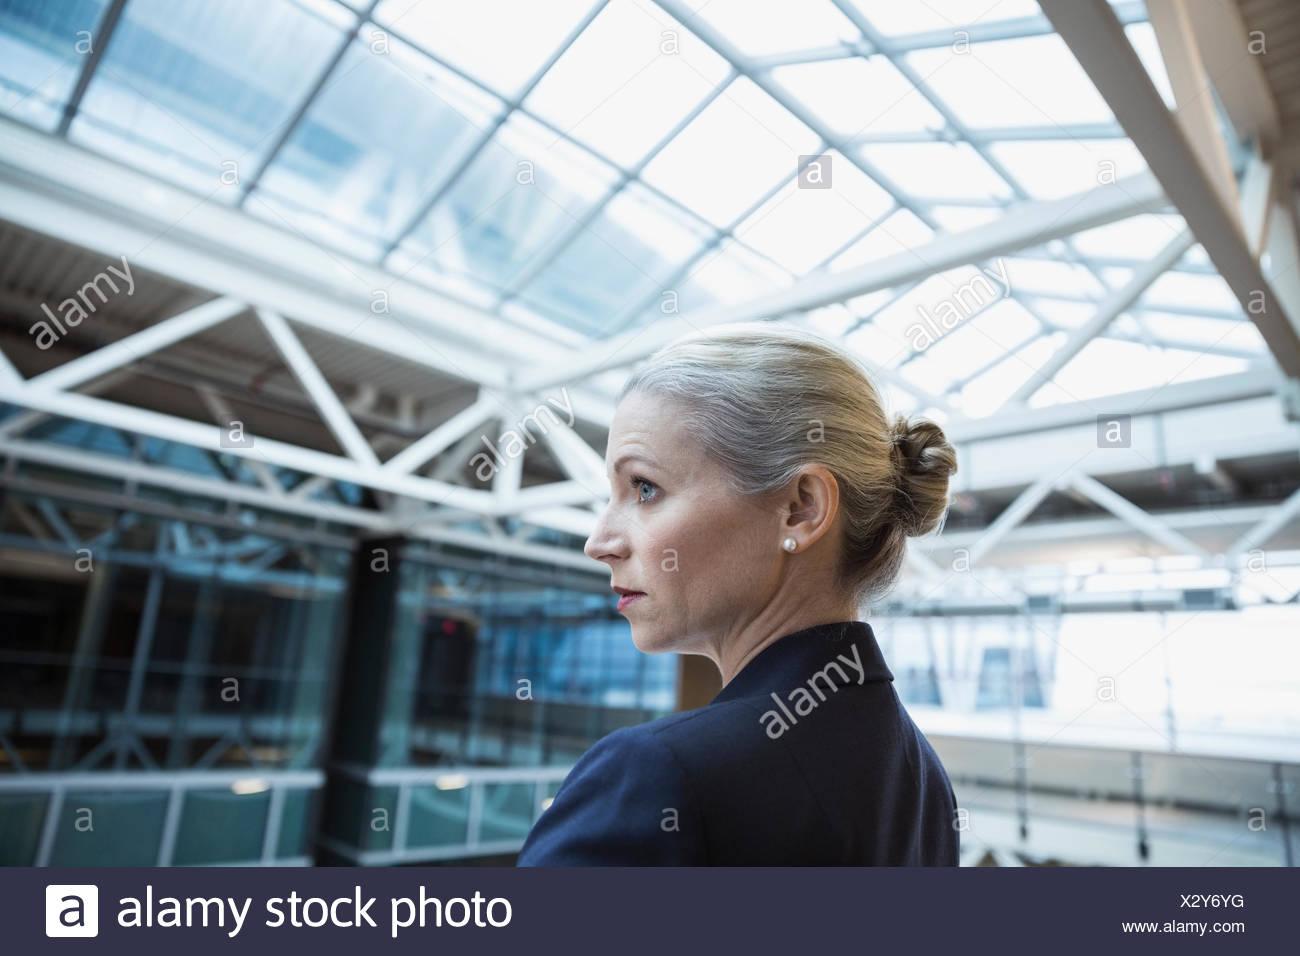 Femme sérieuse dans l'atrium Photo Stock